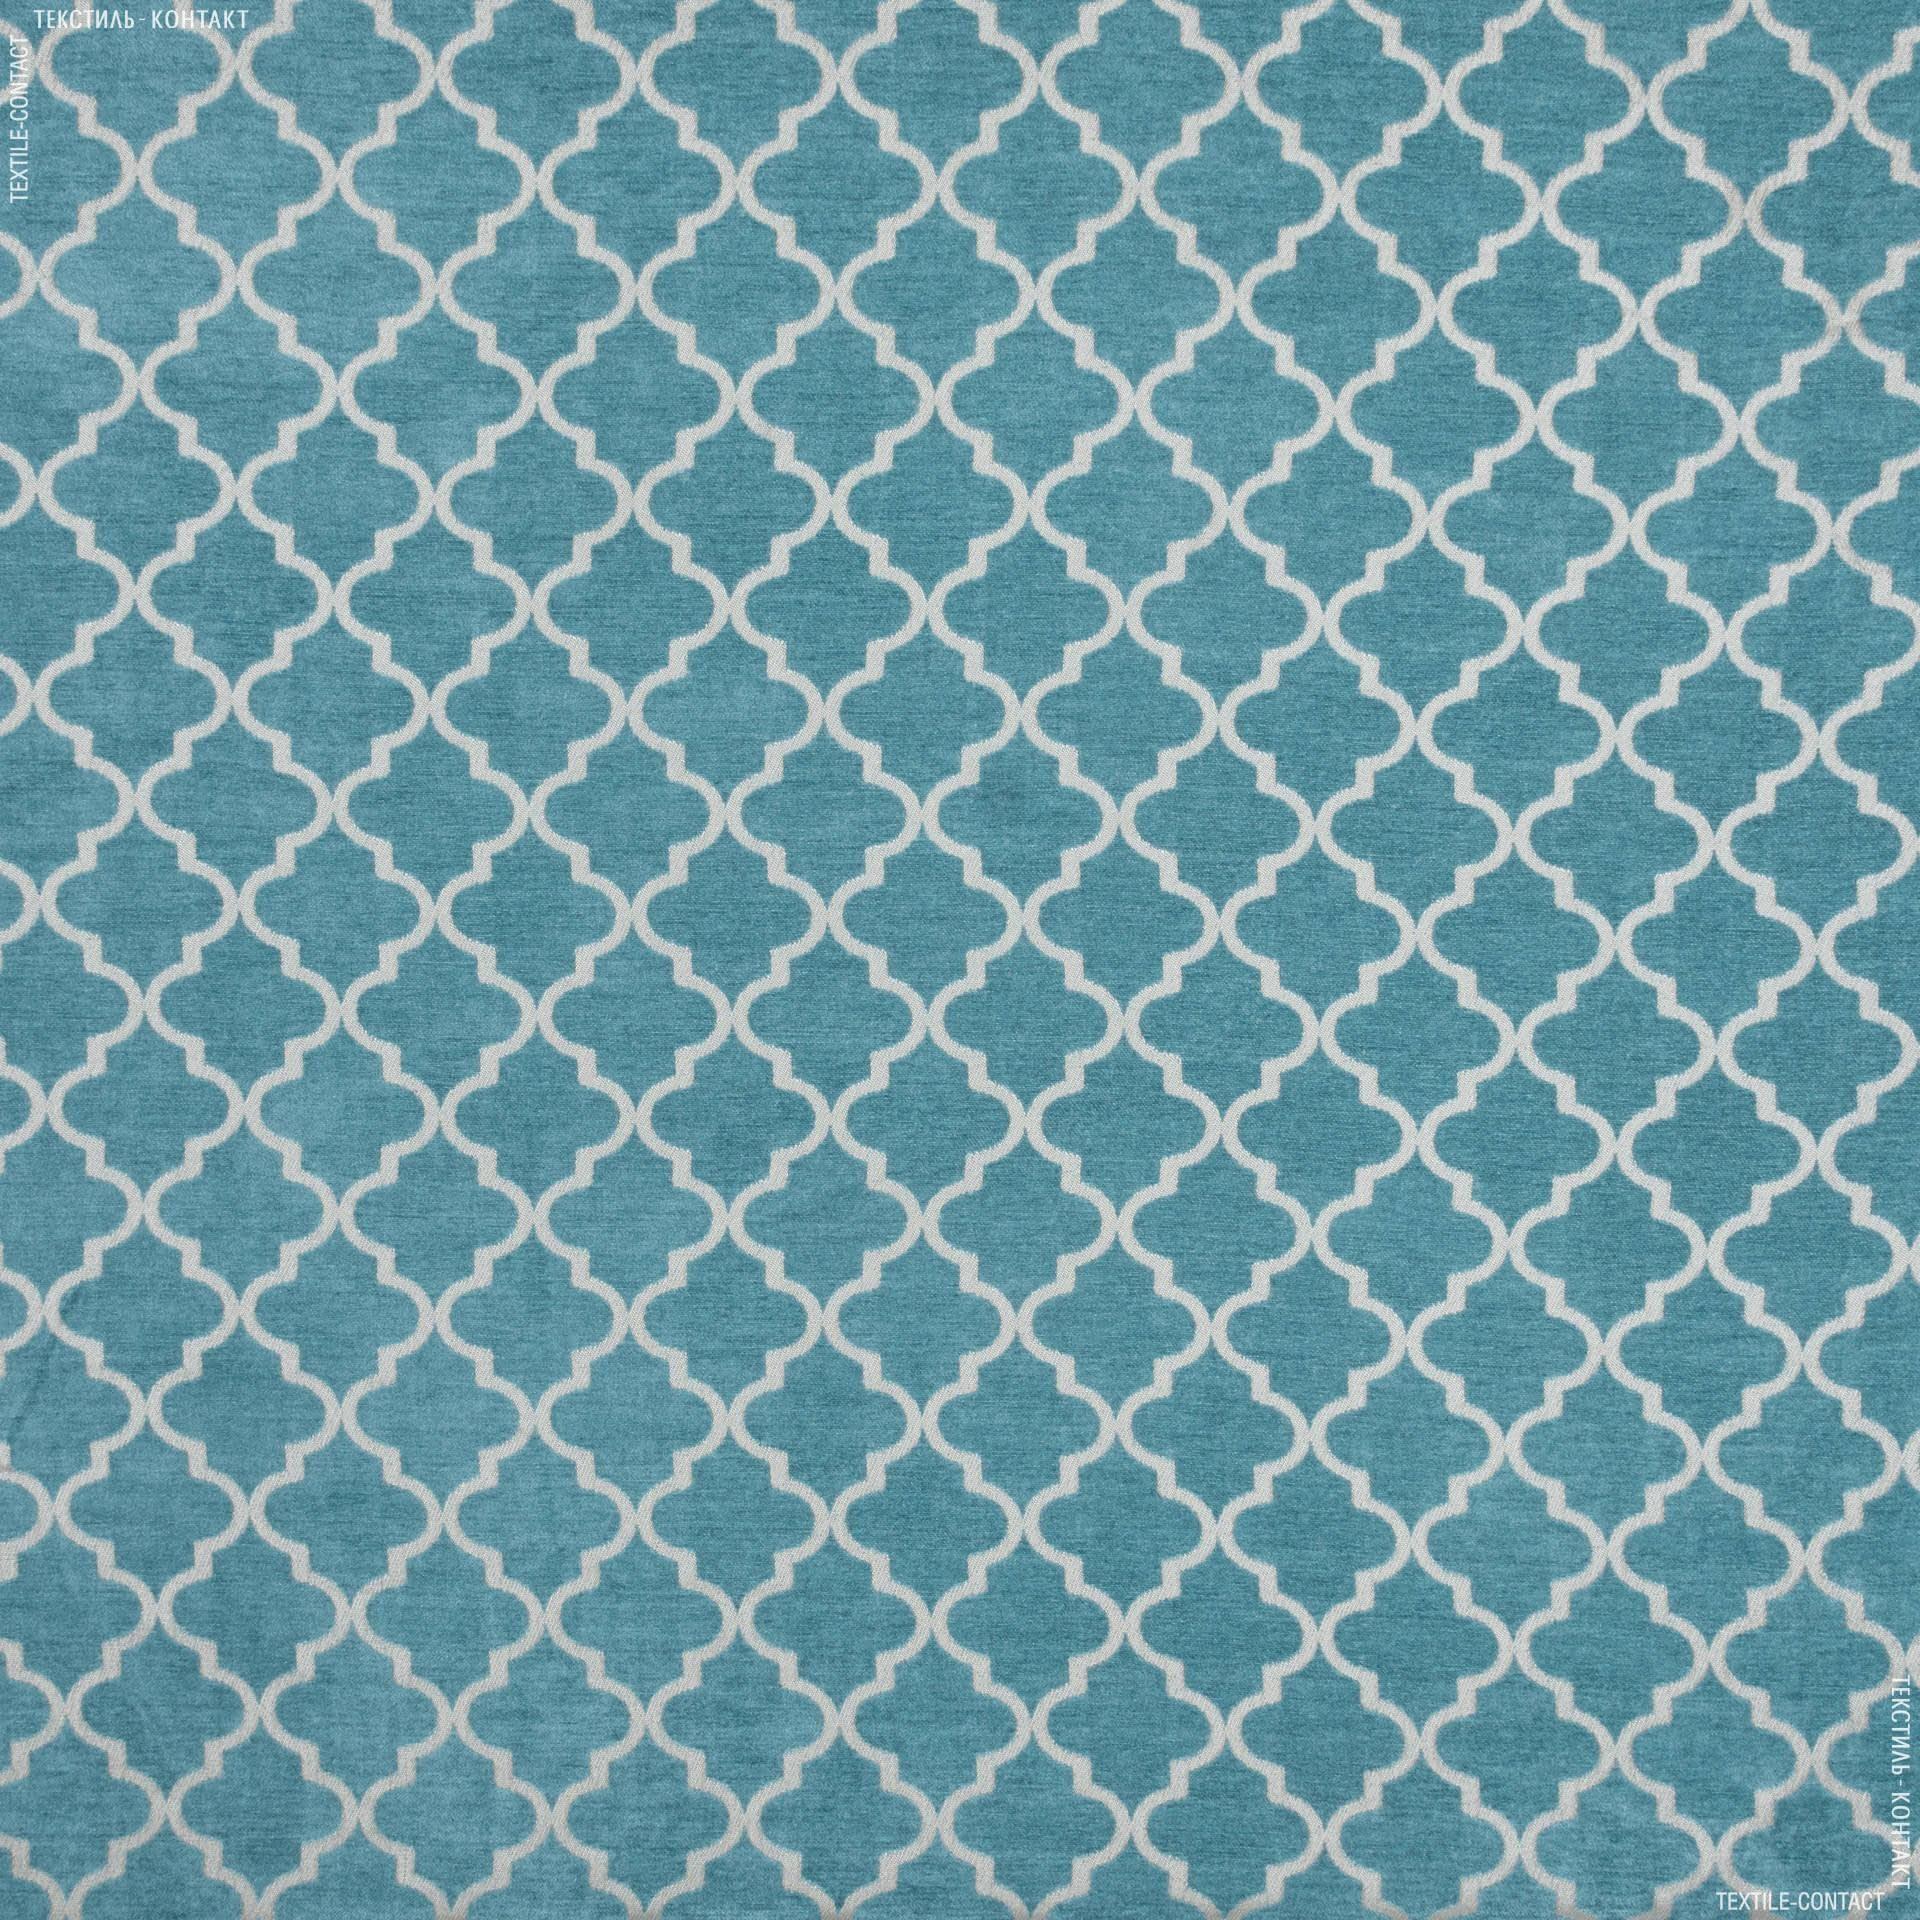 Ткани для декоративных подушек - Шенилл жаккард марокканский ромб голубая ель